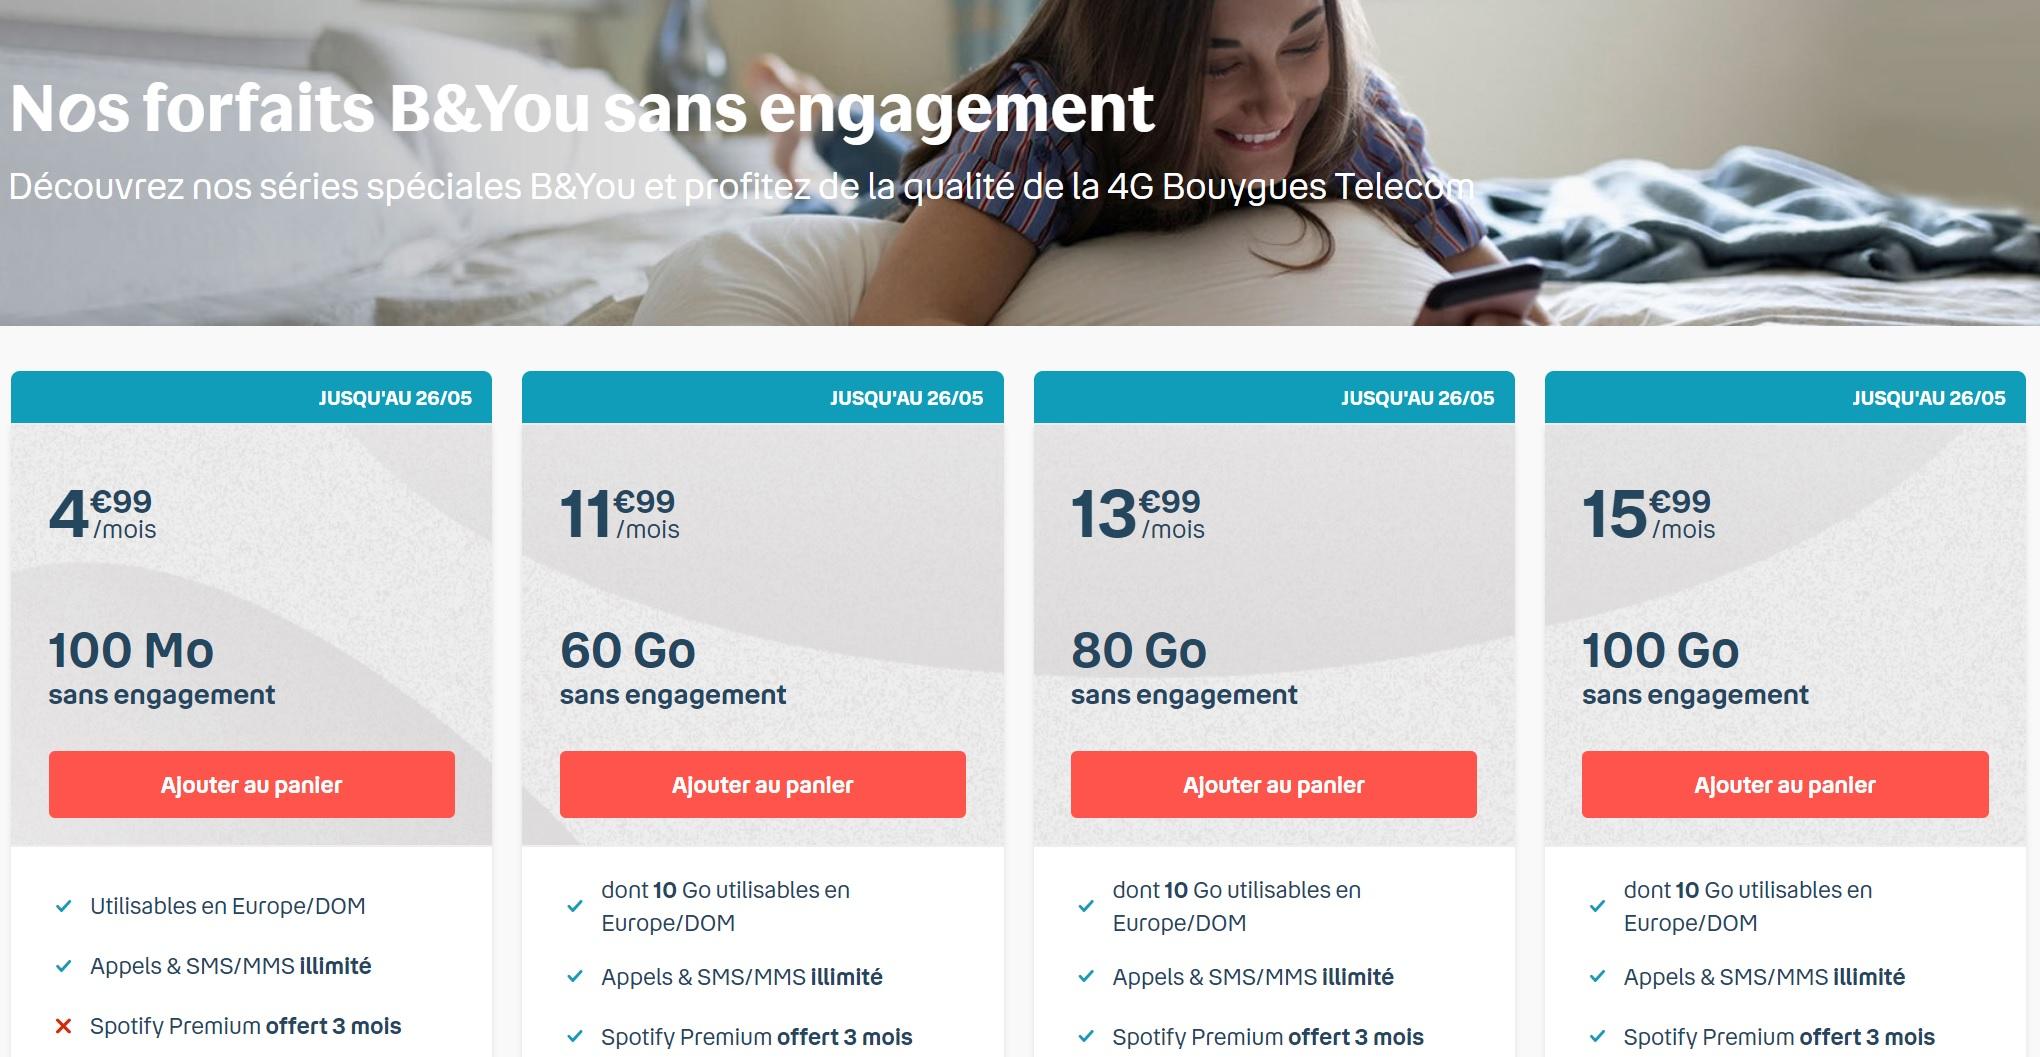 Bouygues remet en place ses forfaits mobile B&You à partir de 4,99 €/mois